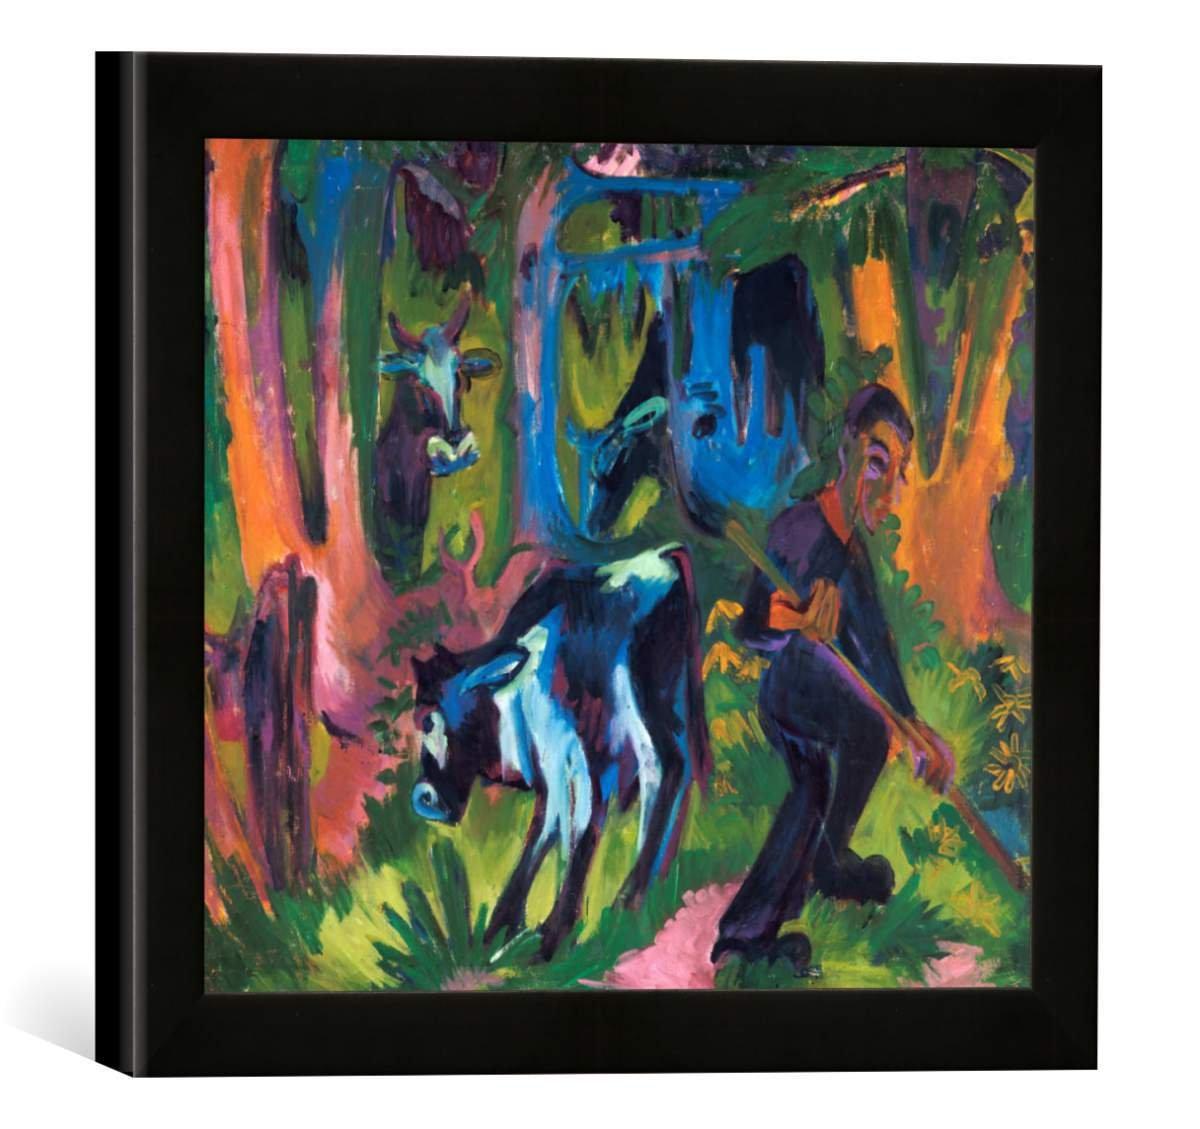 Gerahmtes Bild von Ernst Ludwig Kirchner Kühe im Wald, Kunstdruck im hochwertigen handgefertigten Bilder-Rahmen, 30x30 cm, Schwarz matt